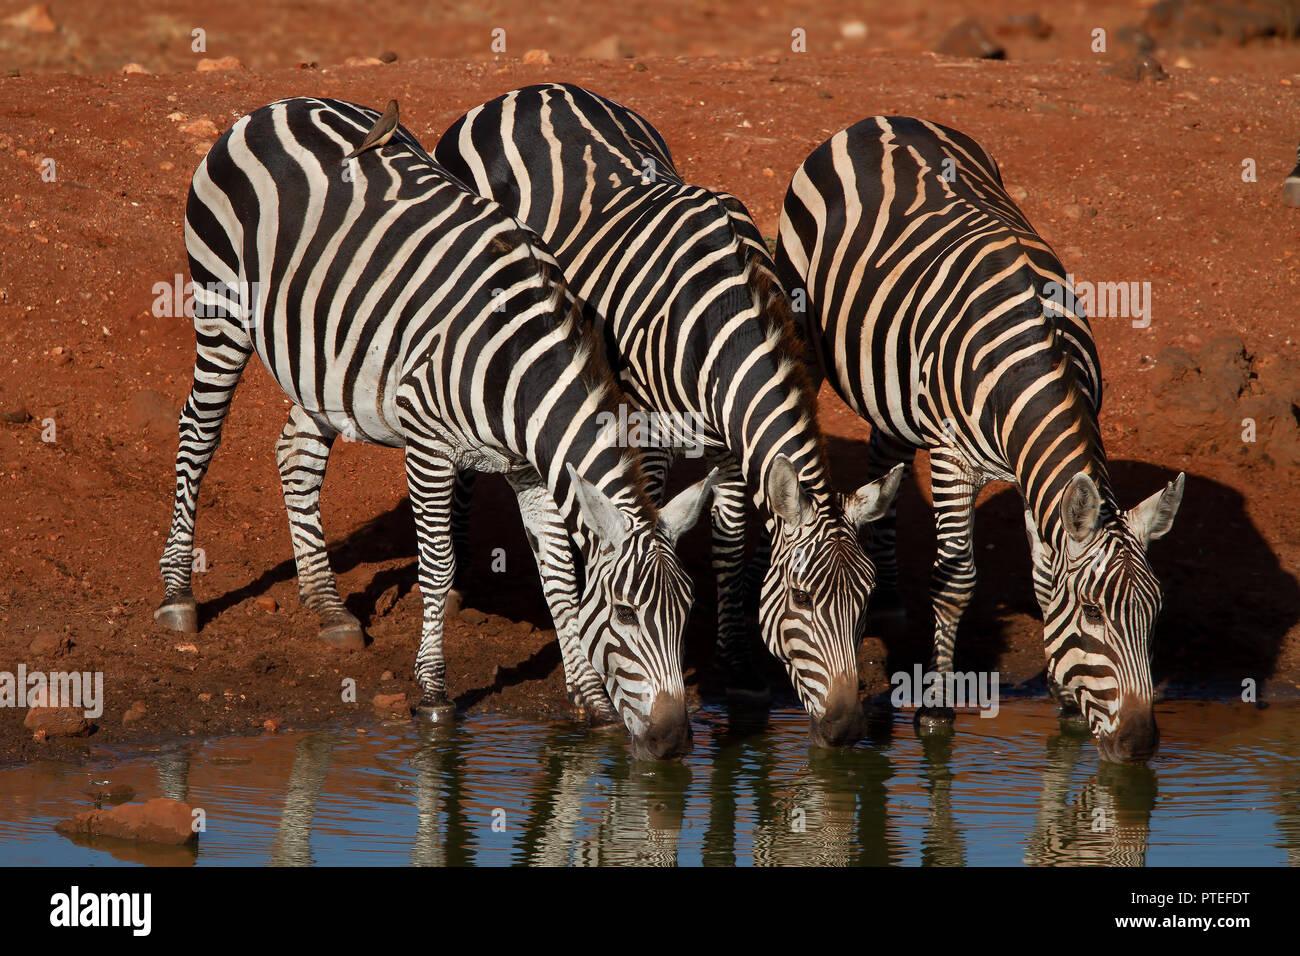 Zebras - Stock Image